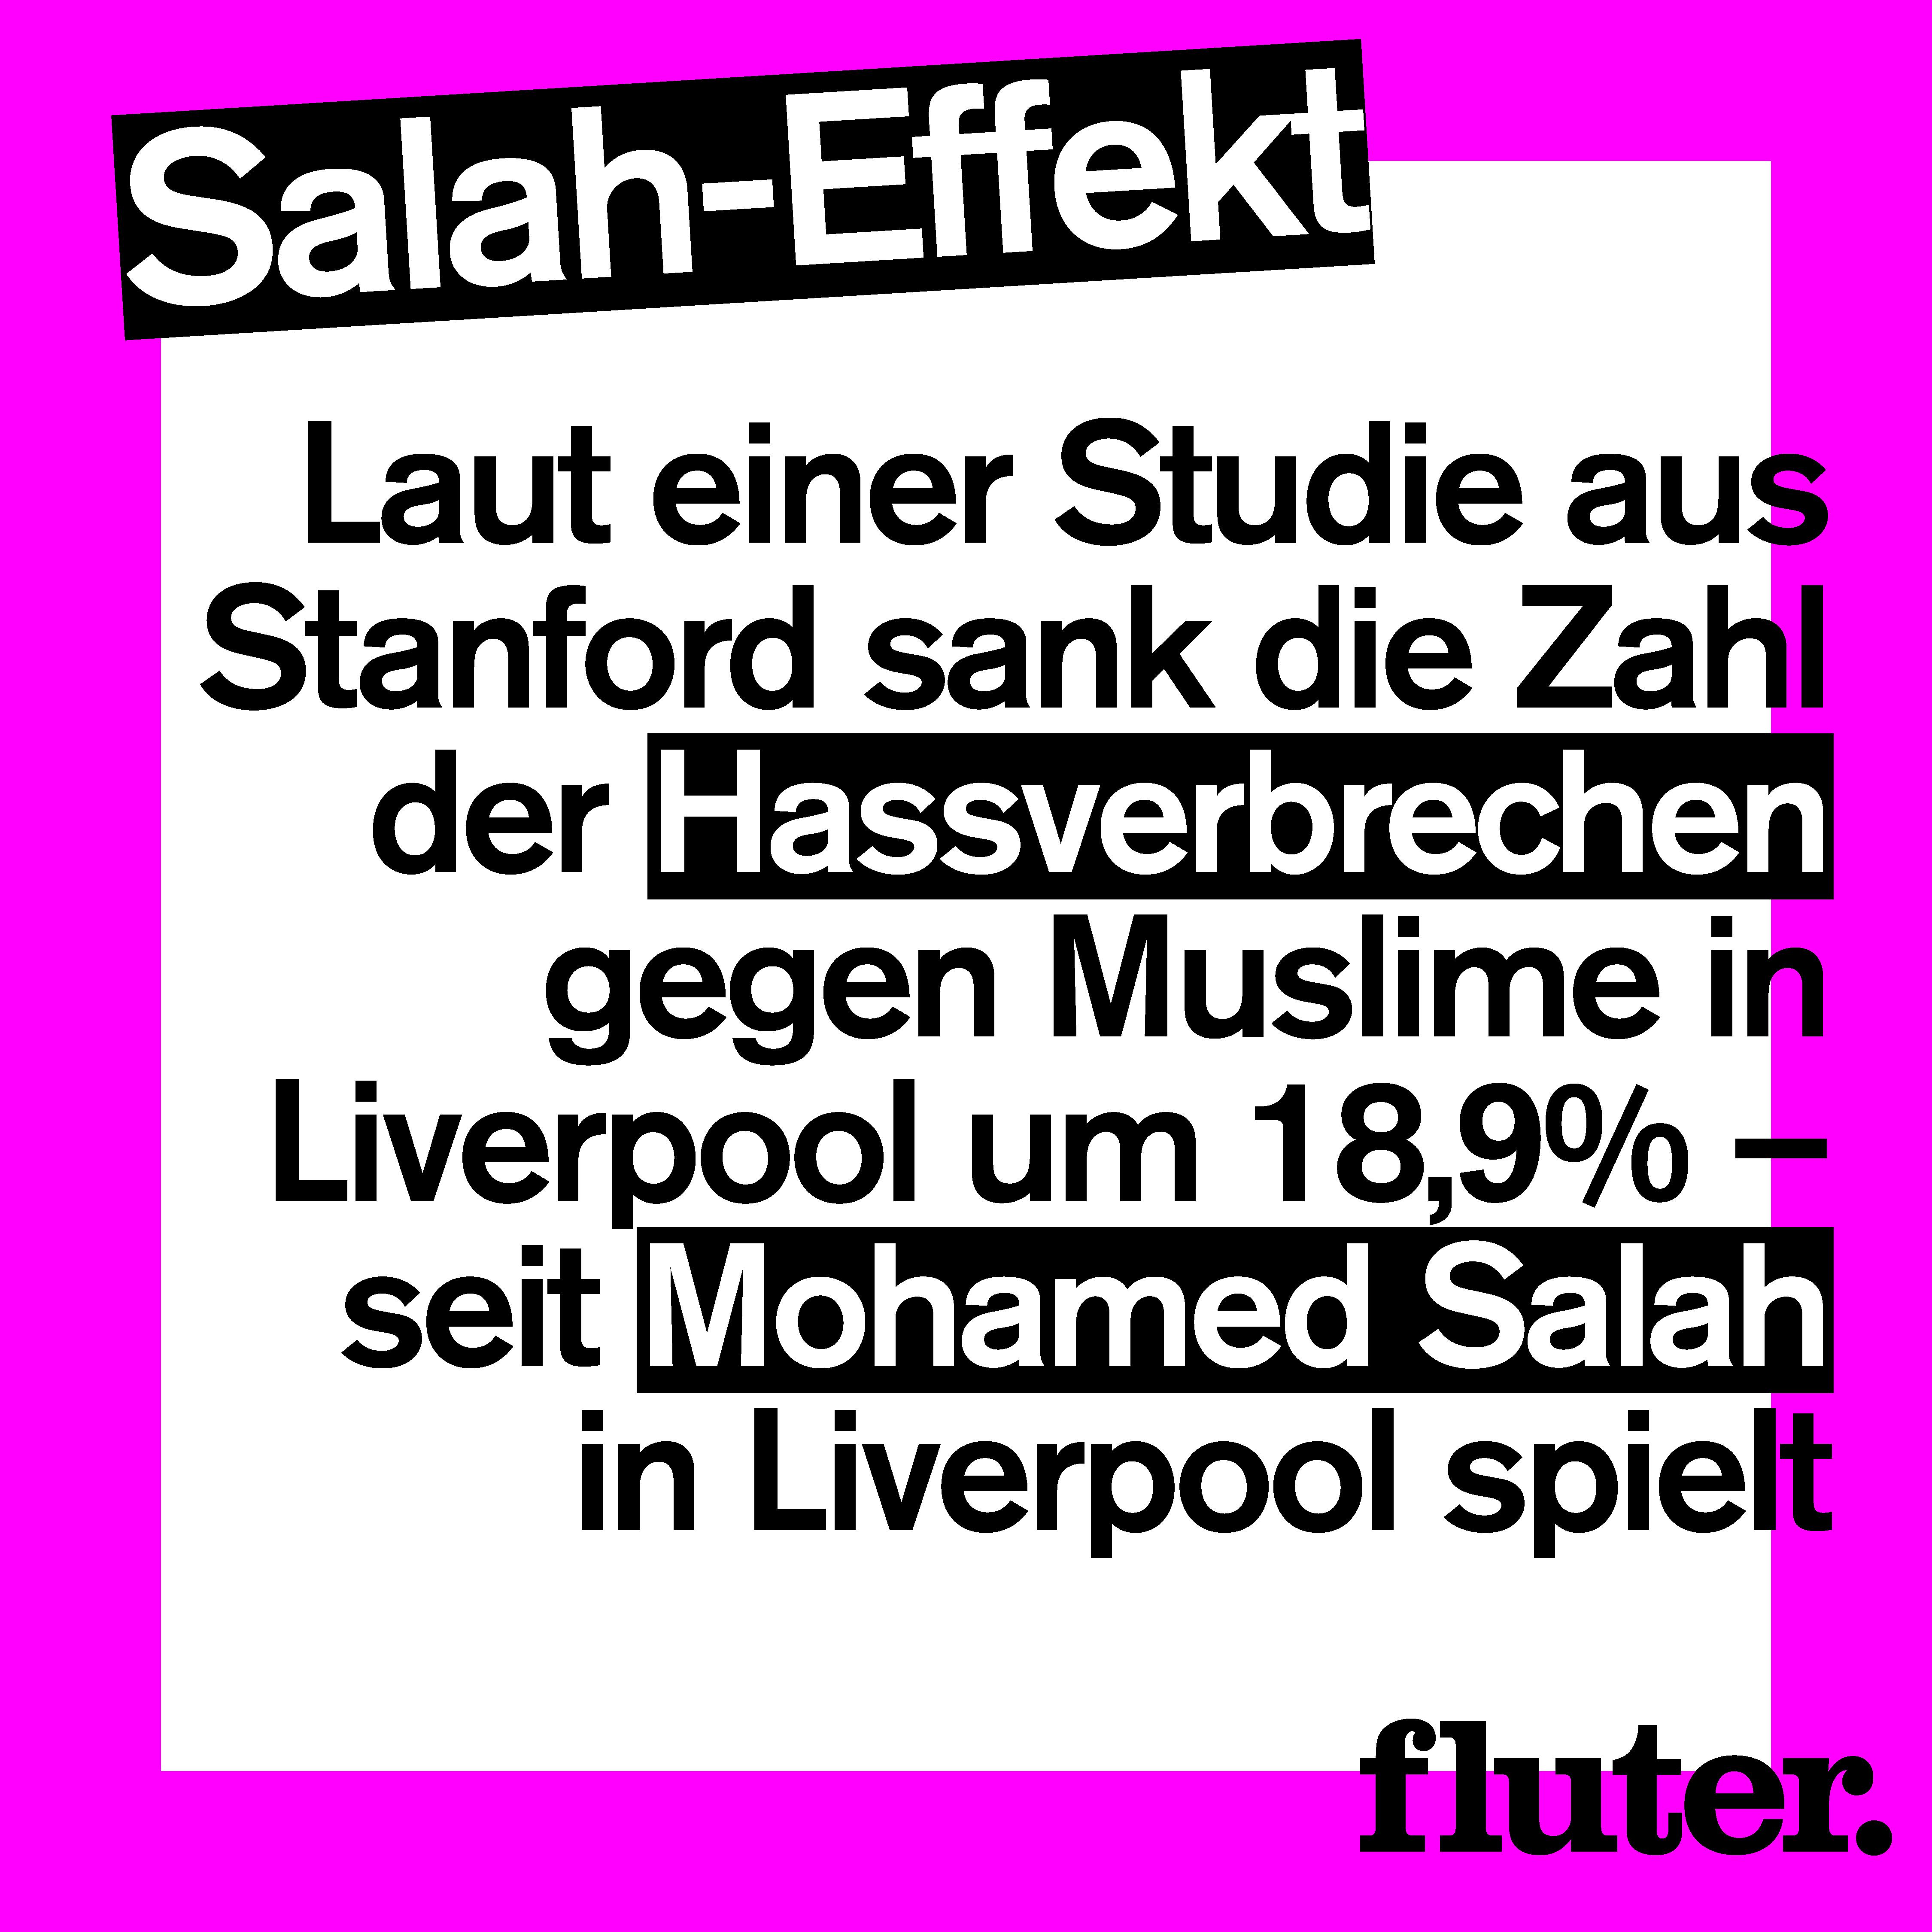 Laut einer Studie baut Mohamed Salah Vorbehalte und Gewalt gegen Muslime ab